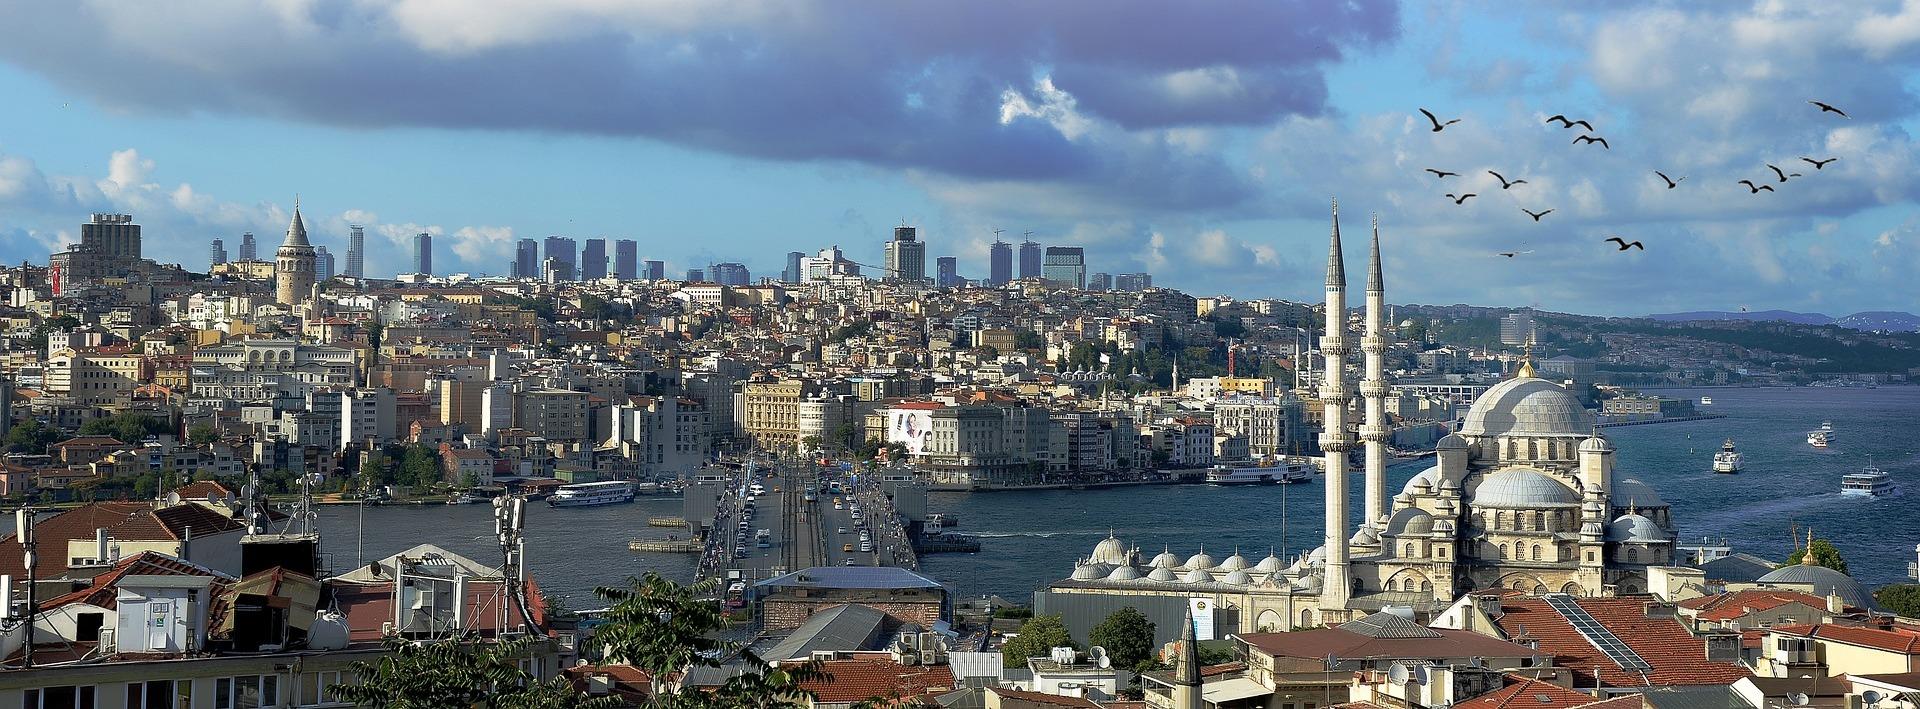 Autotransport Türkei Fahrzeugtransport